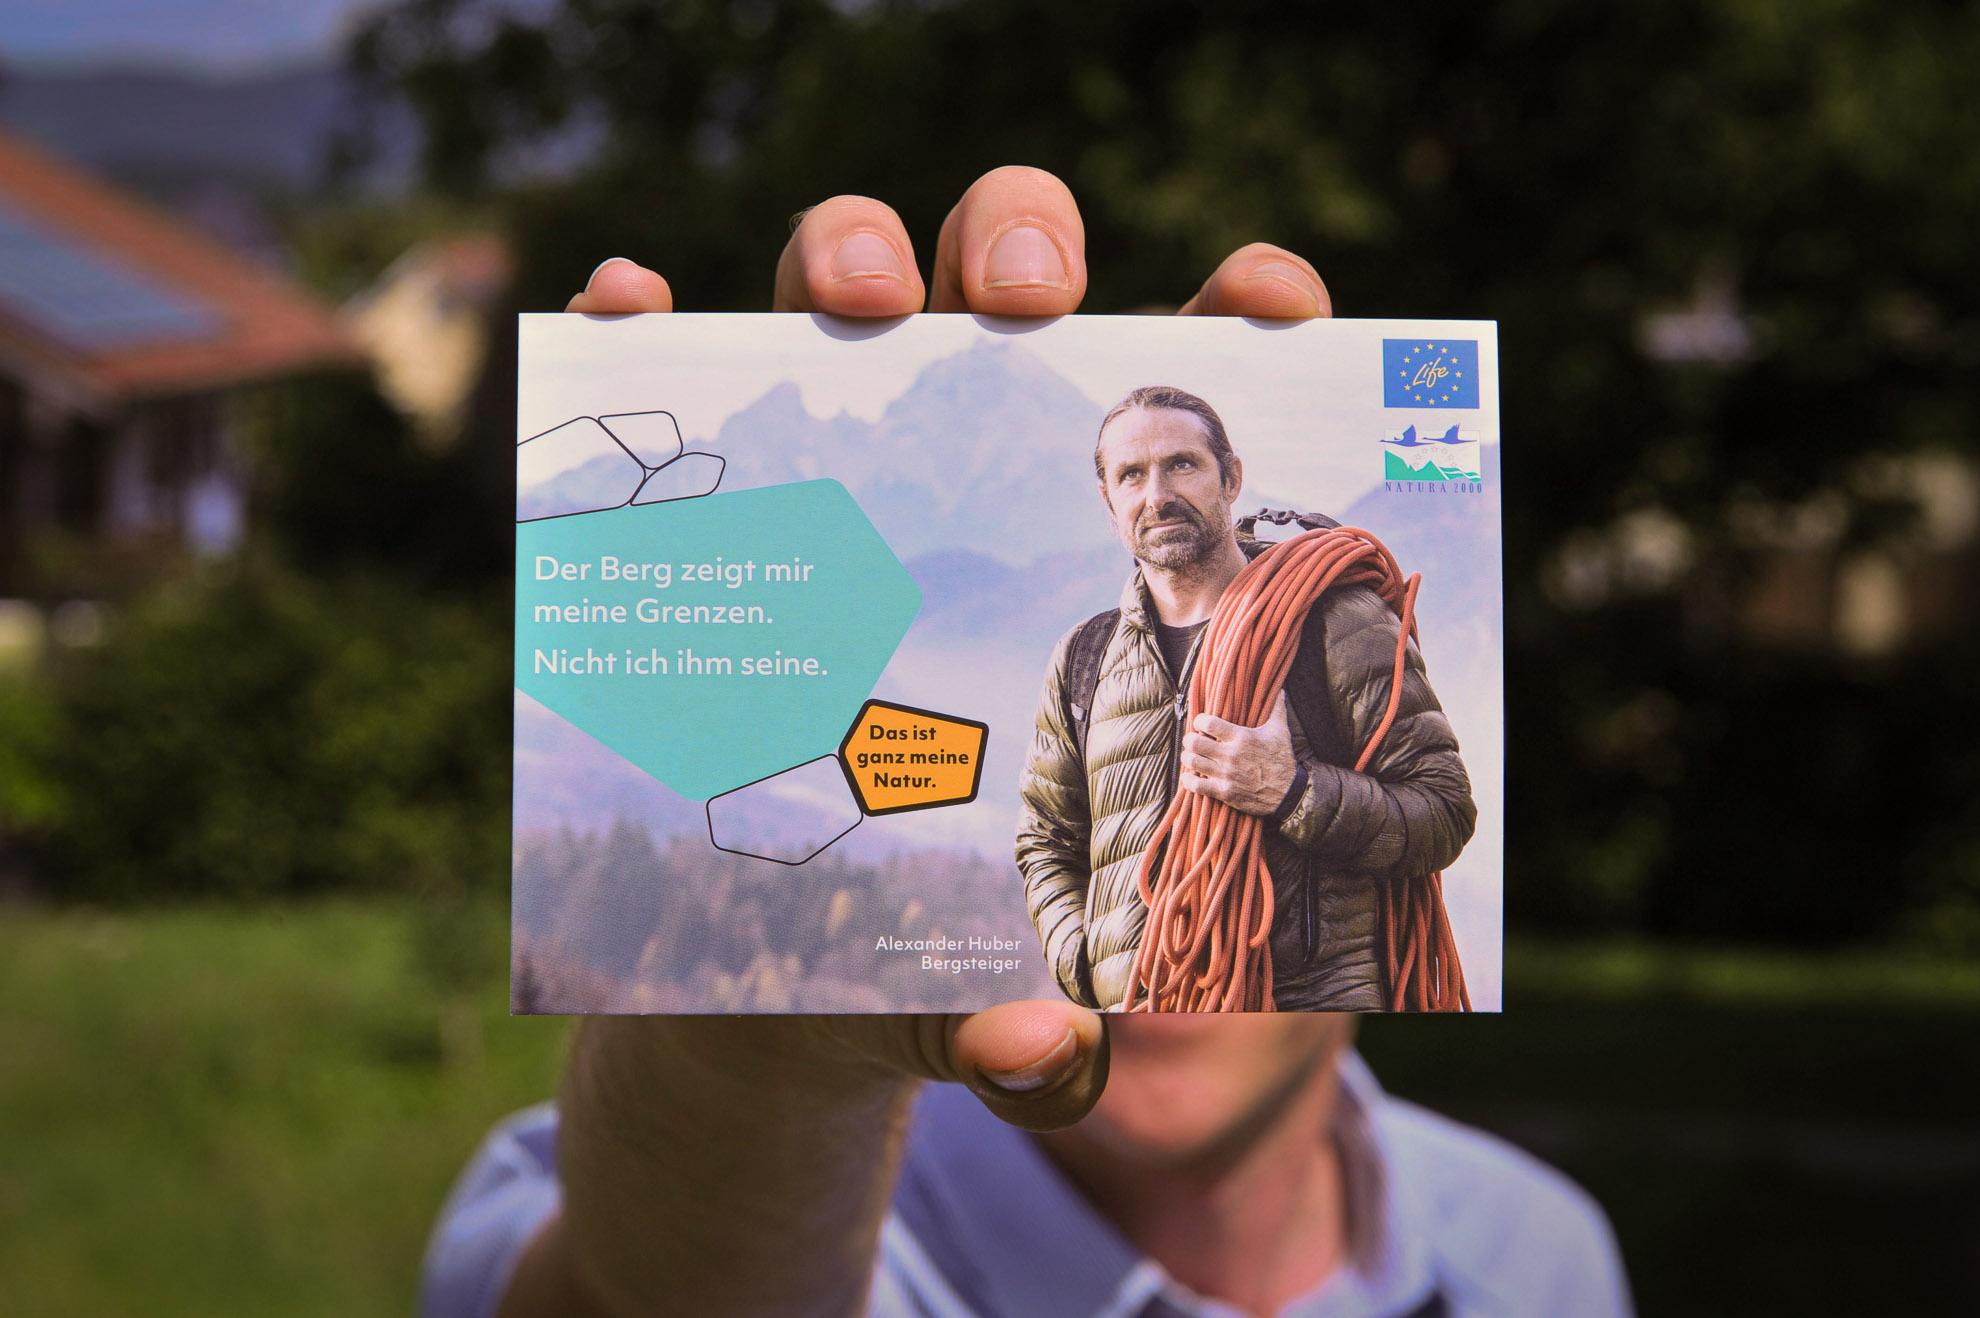 Vorderseite einer Postkarte mit Alexander Huber auf dem Bild, der Bergsteiger und Botschafter von Natura2000 ist, wird von jemandem in die Kamera gehalten.